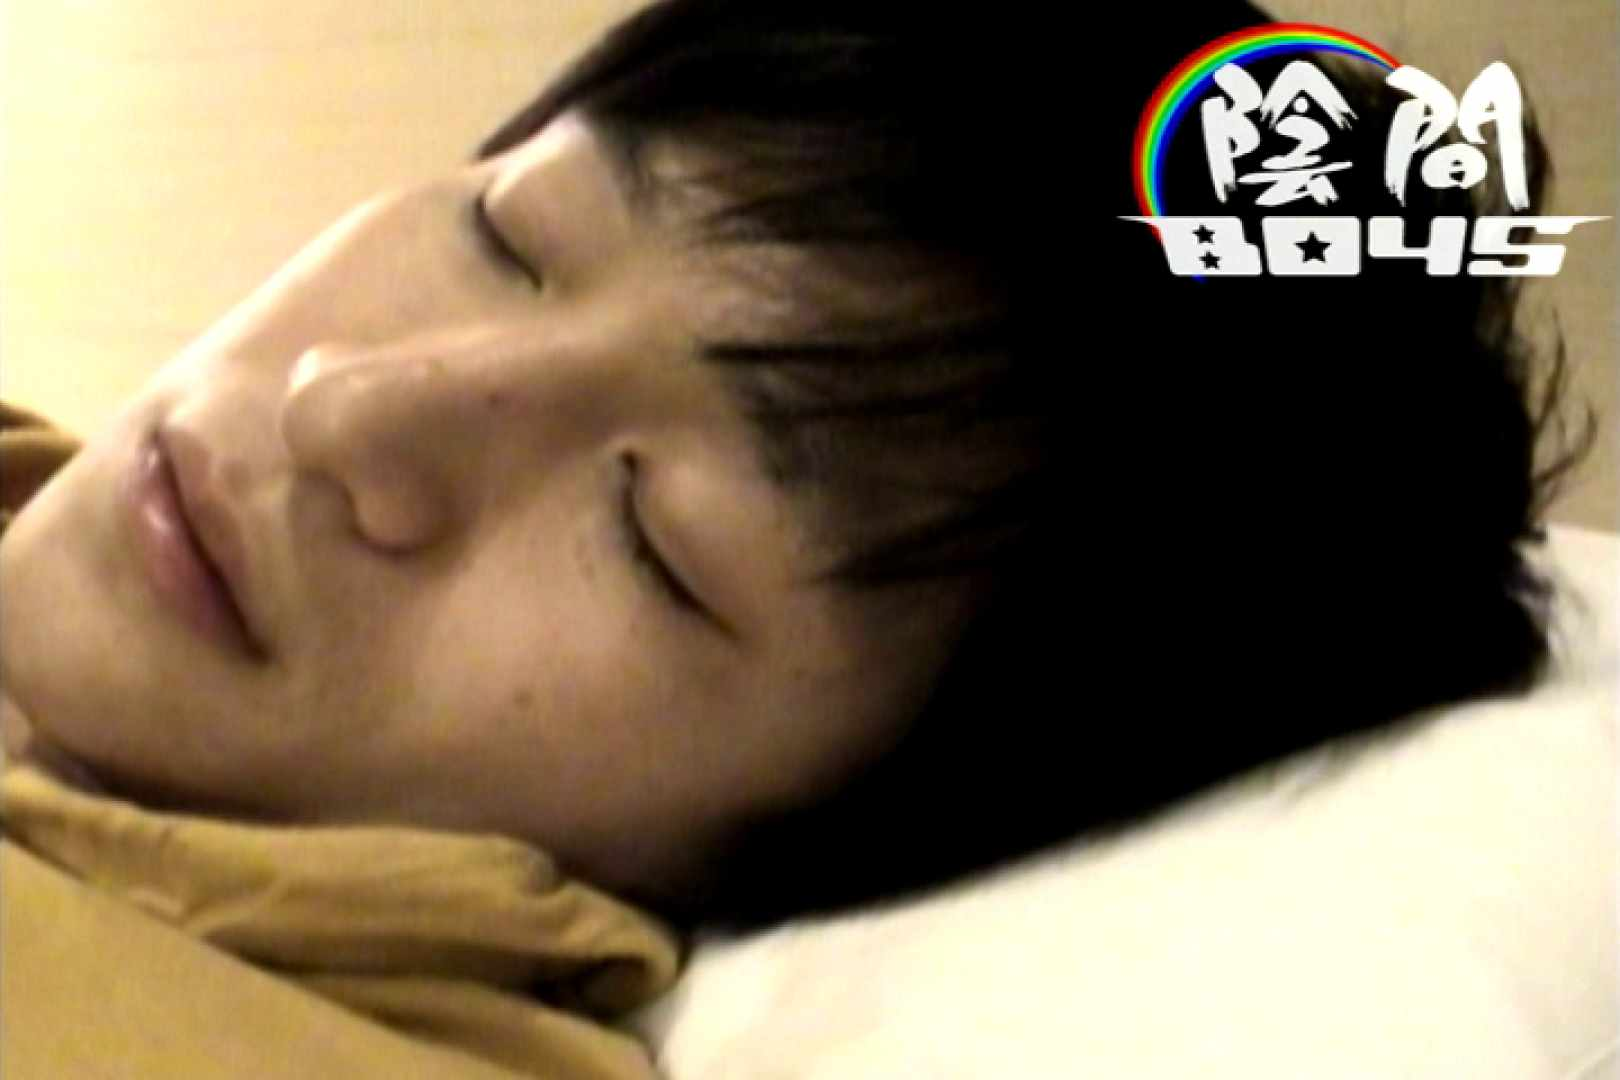 陰間BOYS~My holiday~01 お手で! AV動画 109pic 32